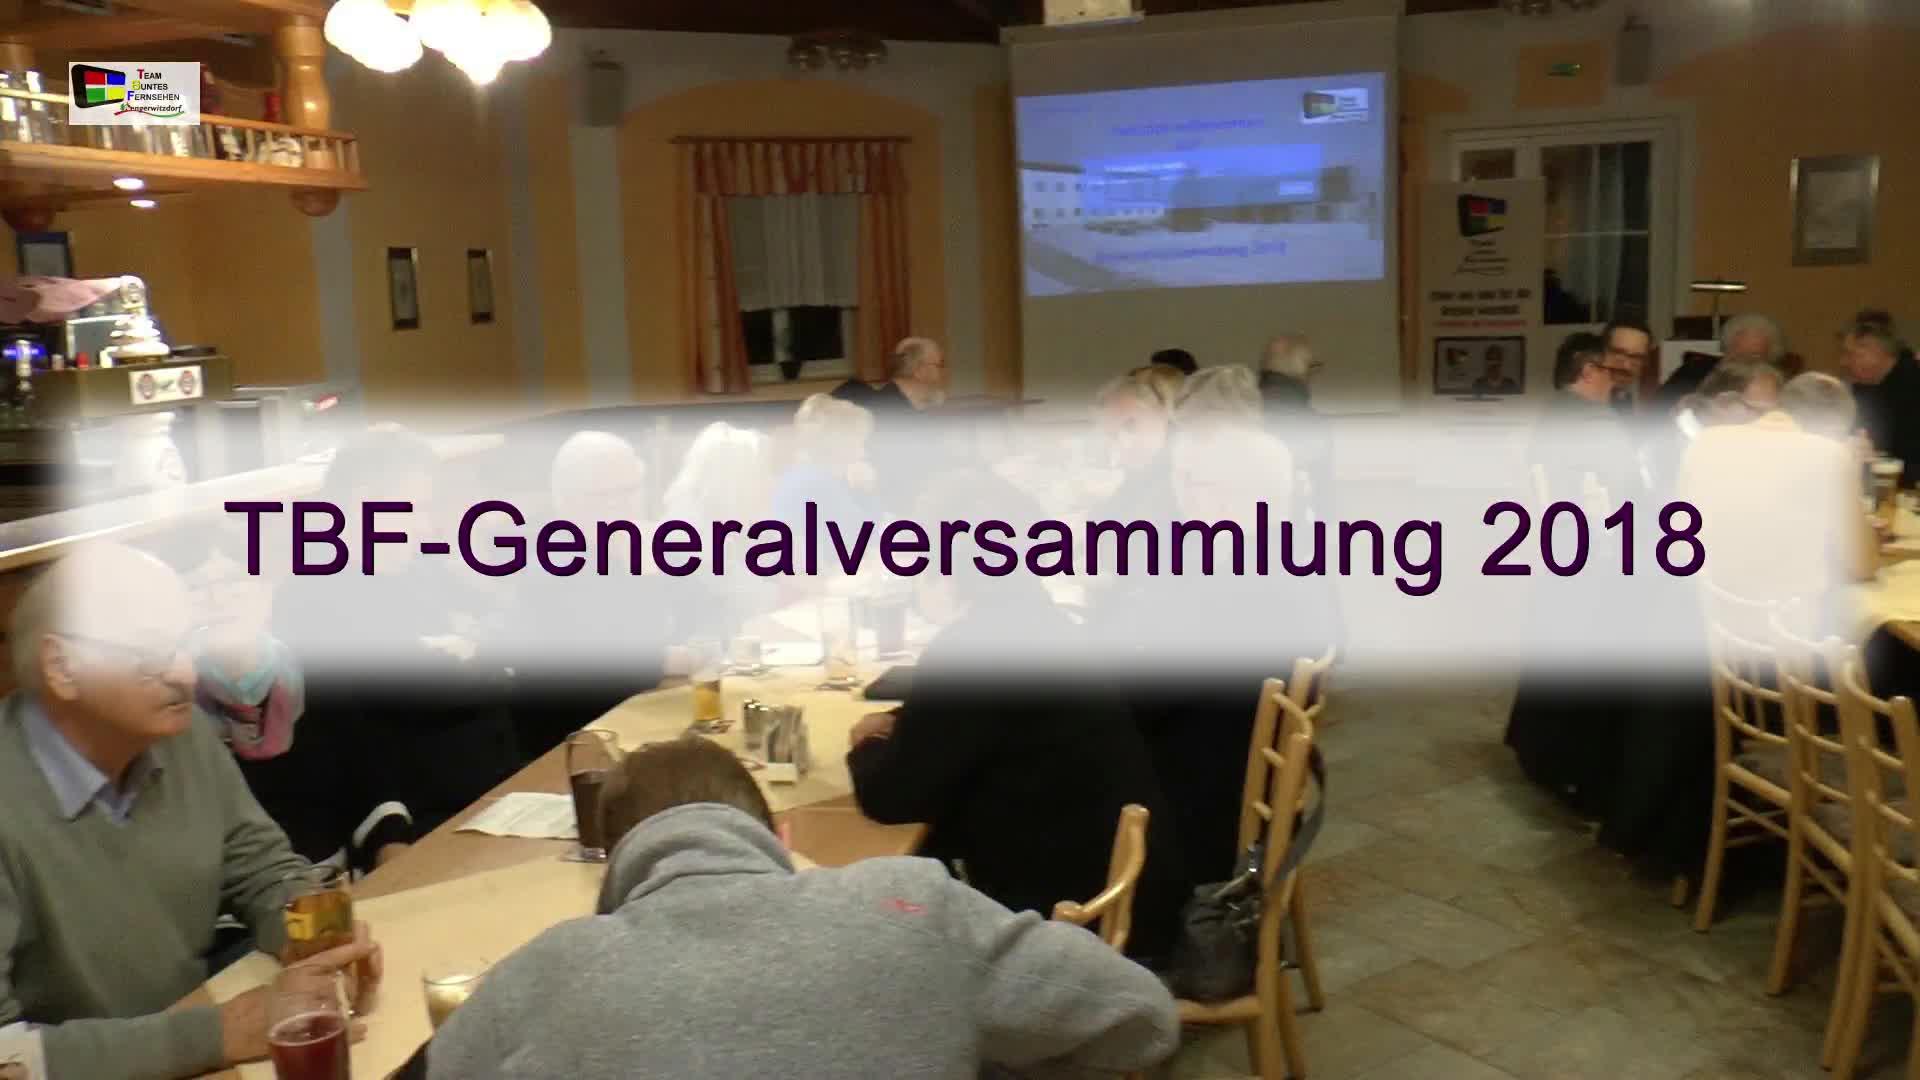 TBF-Generalversammlung